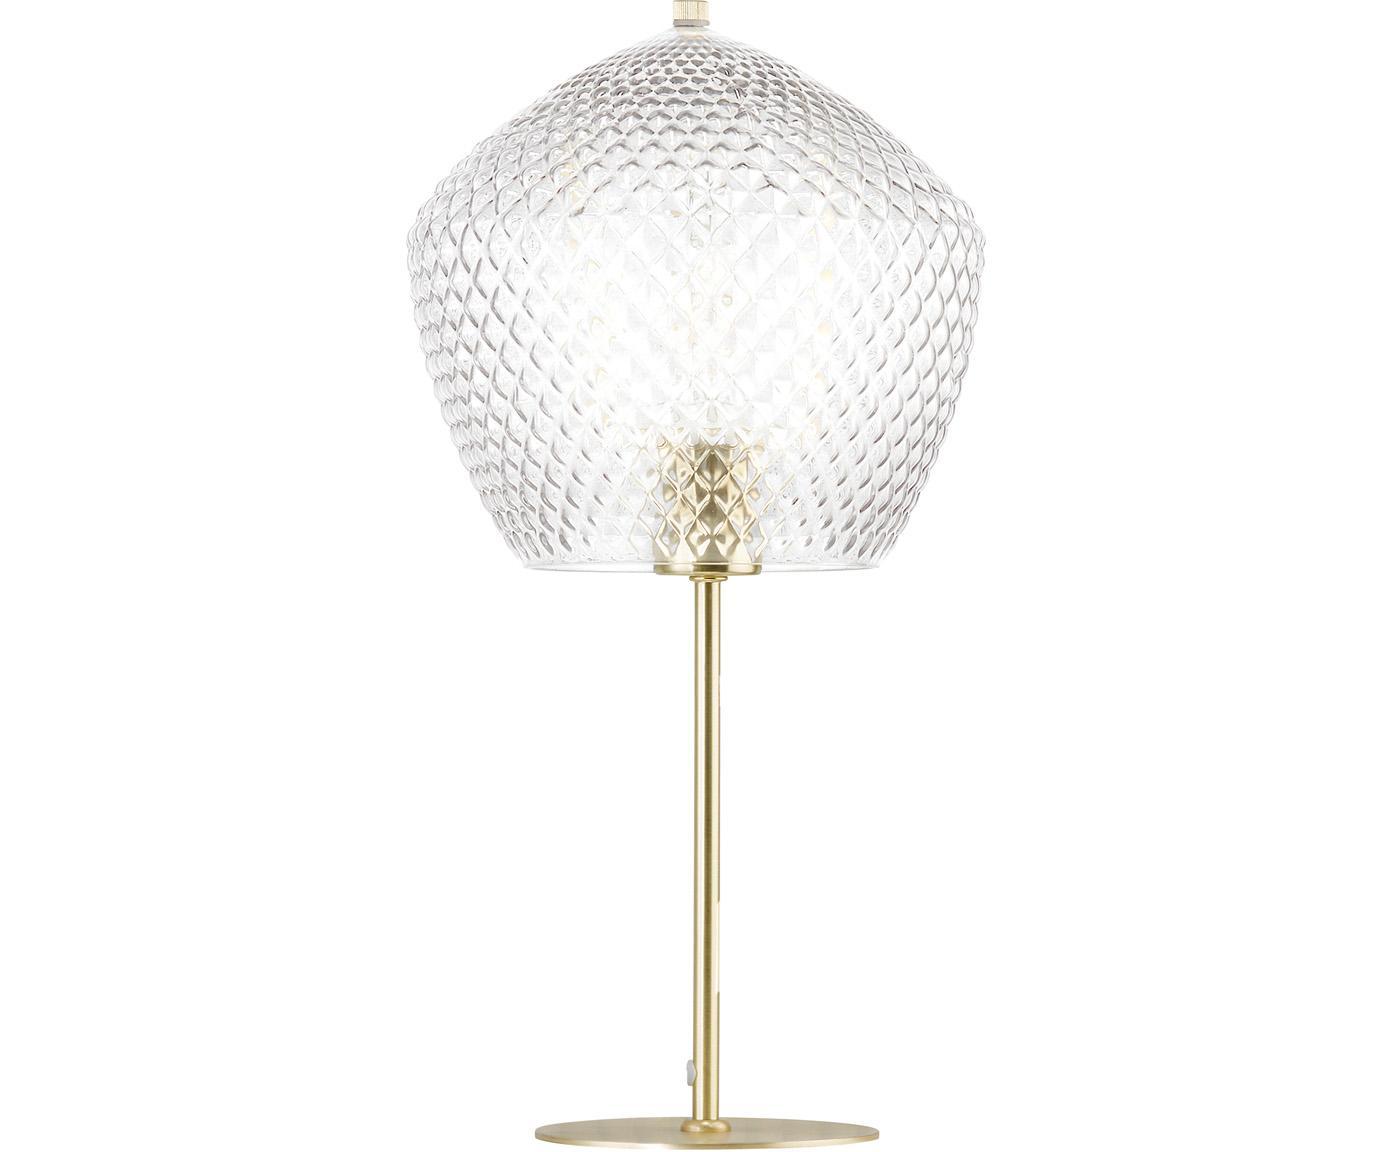 Lampada da tavolo con paralume in vetro Beatrice, Paralume: vetro, Base della lampada: metallo rivestito, Oro, trasparente, Ø 23 x Alt. 47 cm